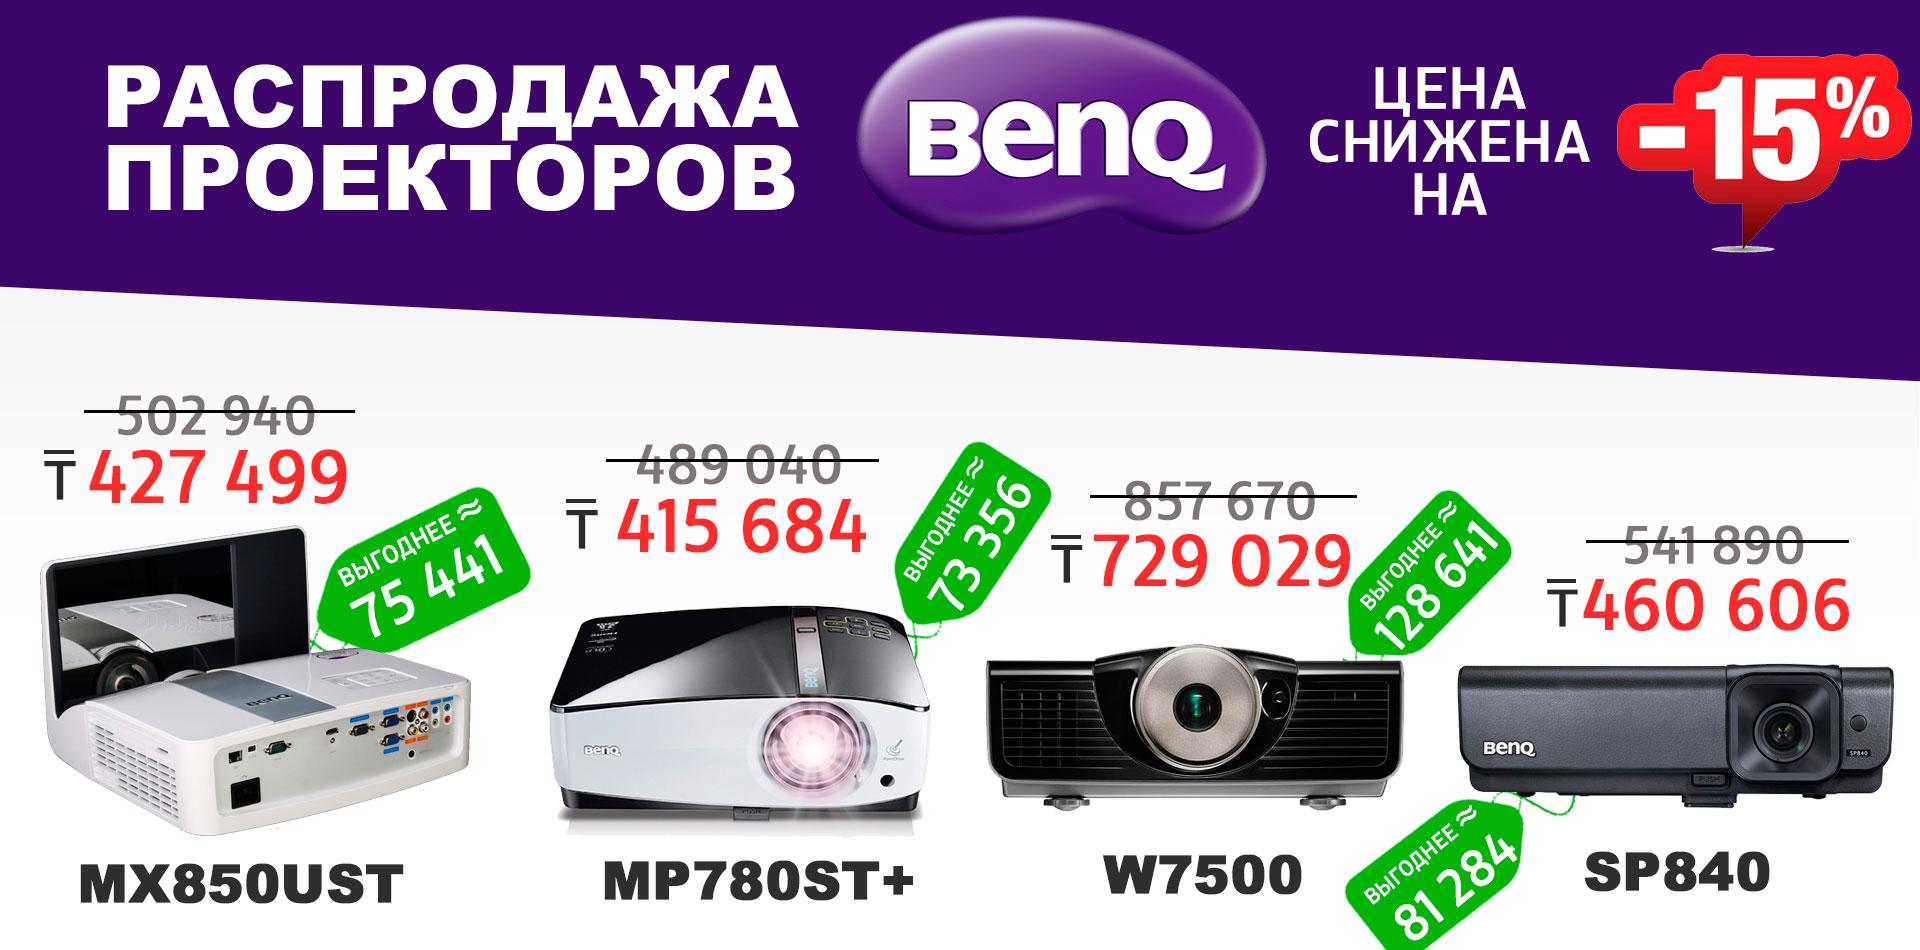 Проектор Benq MP780ST